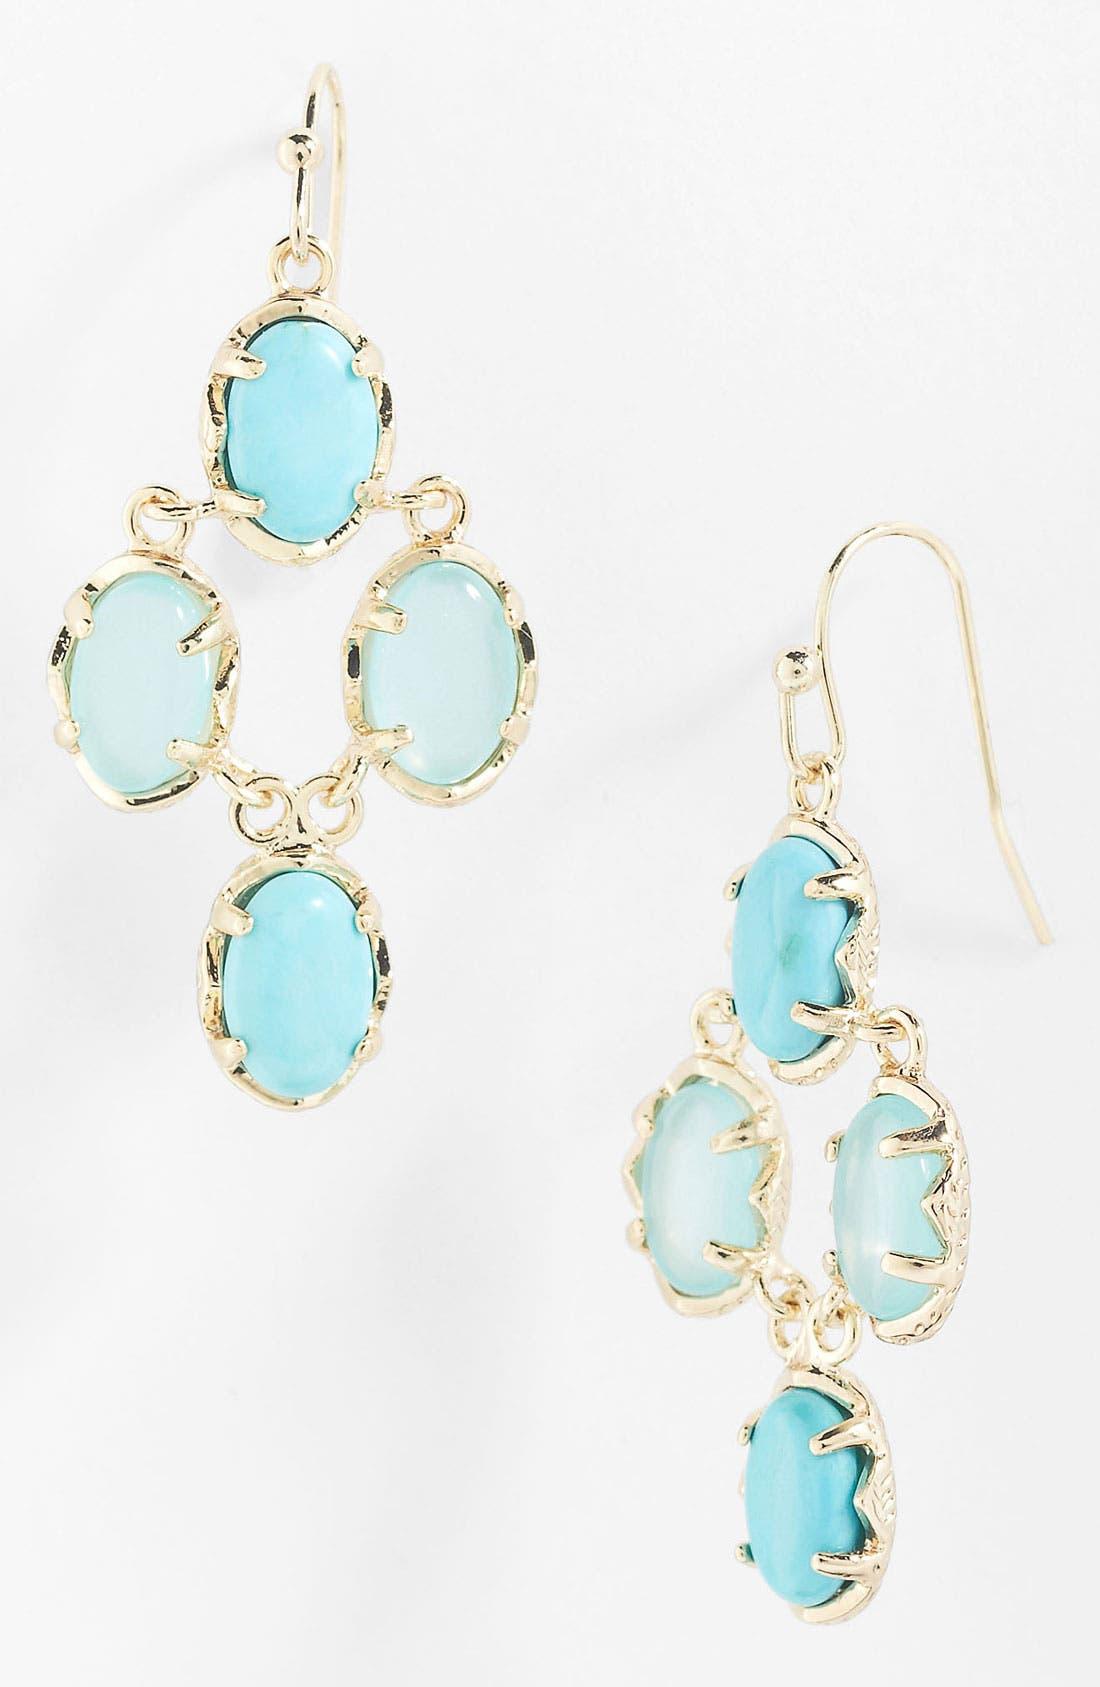 Main Image - Kendra Scott 'Melly' Chandelier Earrings